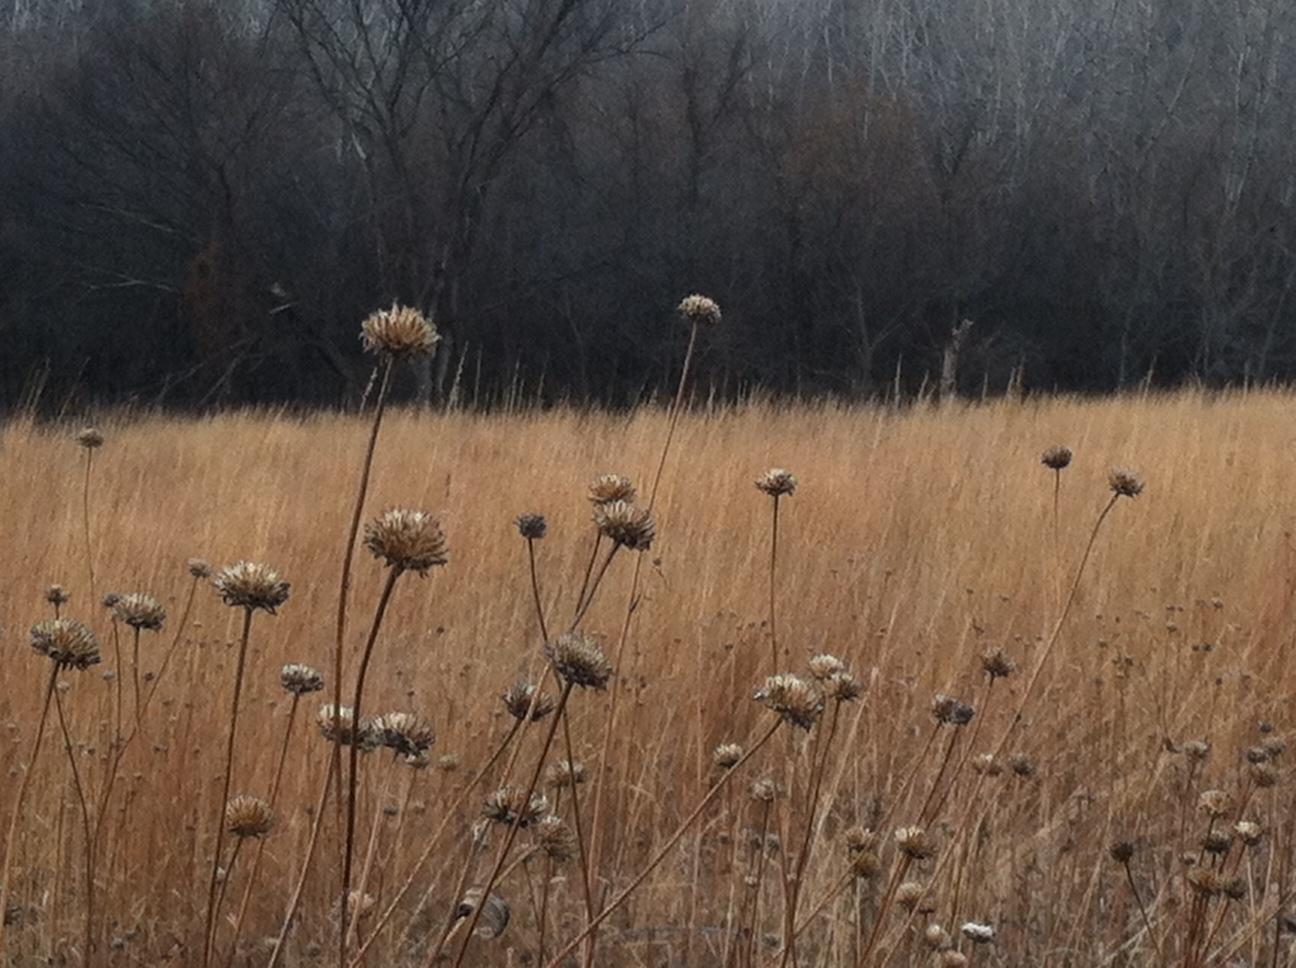 seeds in Carleton arboretum in Minnesota